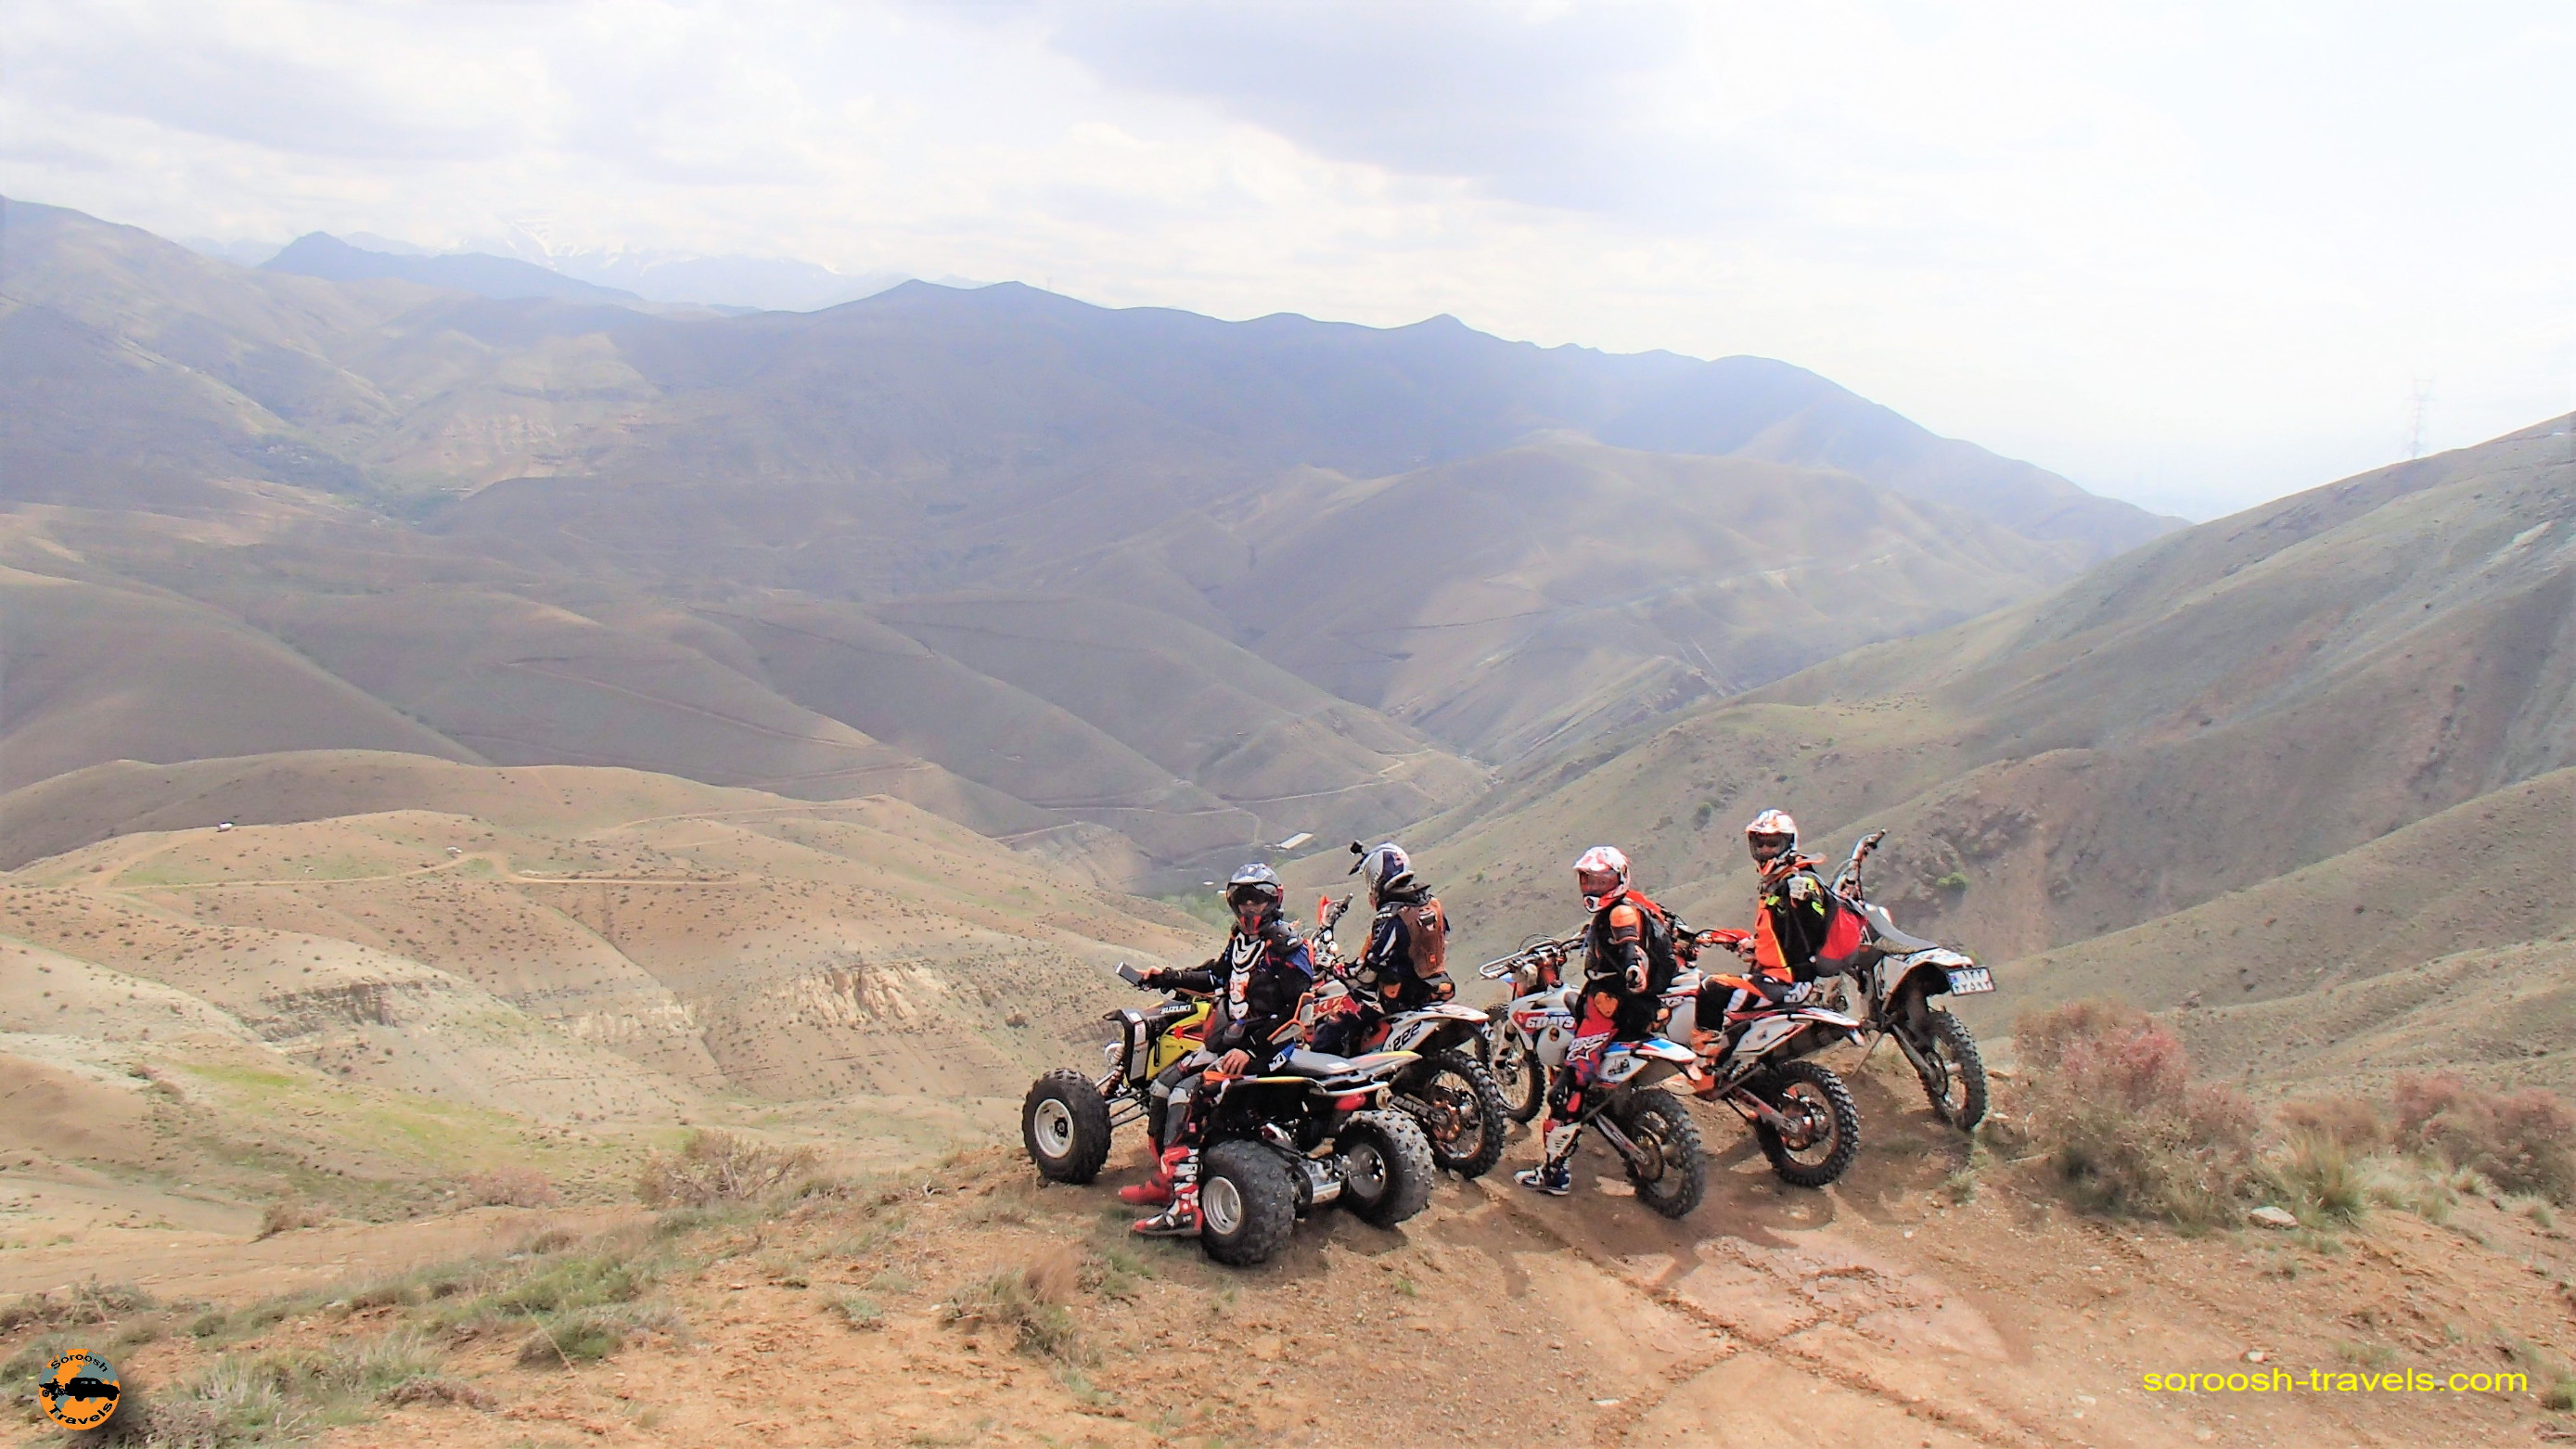 موتور سواری در هوای لذتبخش بهاری - منطقه وردیج